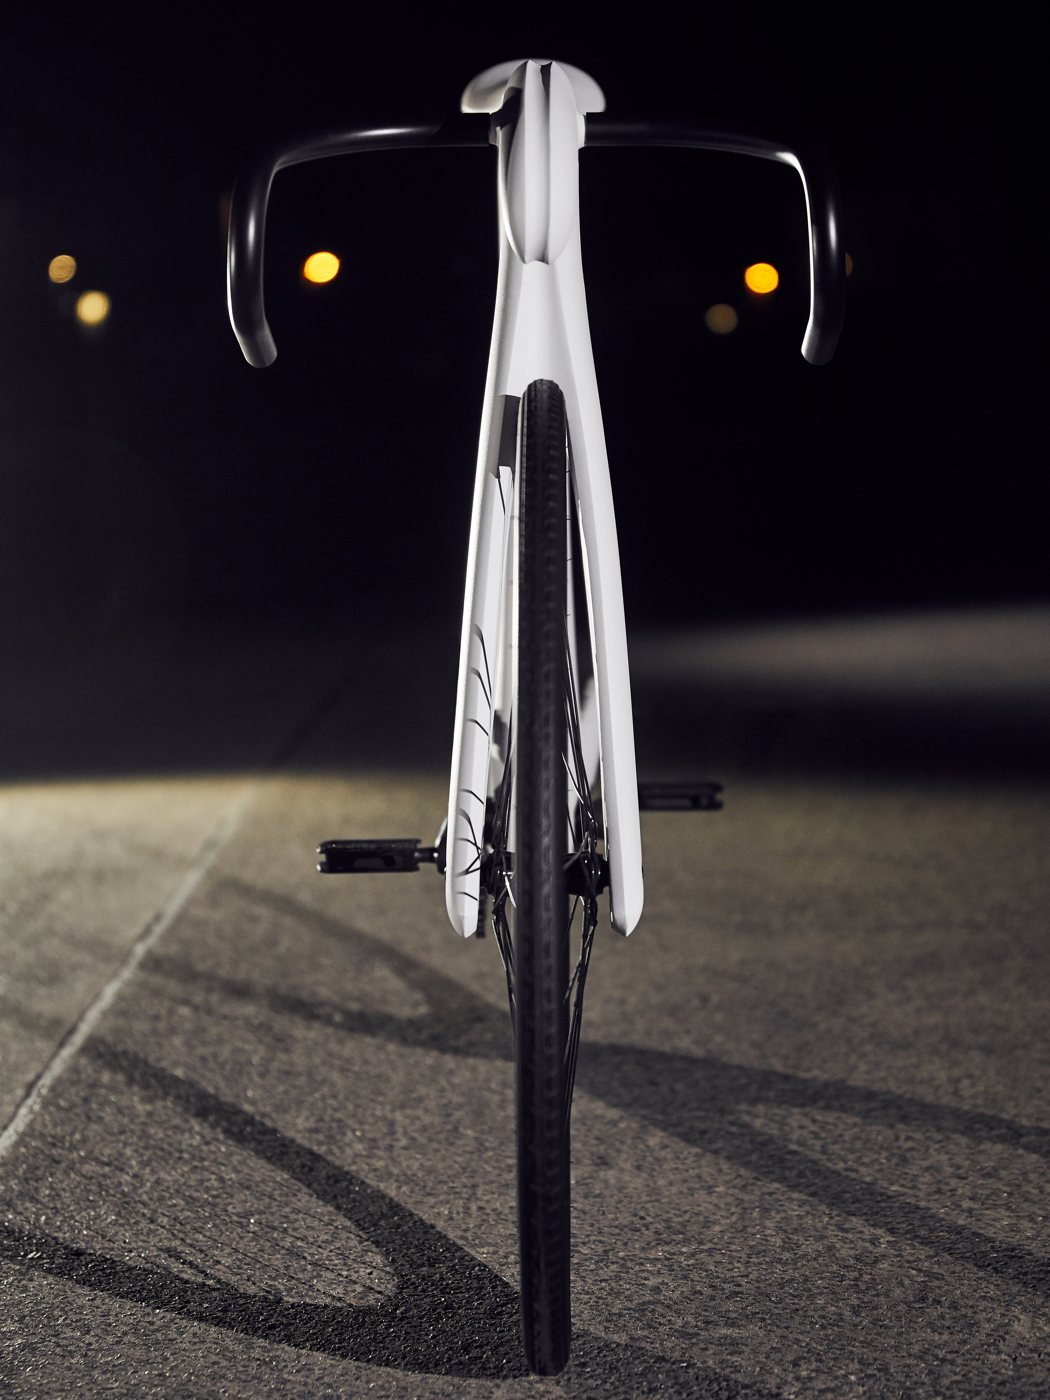 pi_bike_03